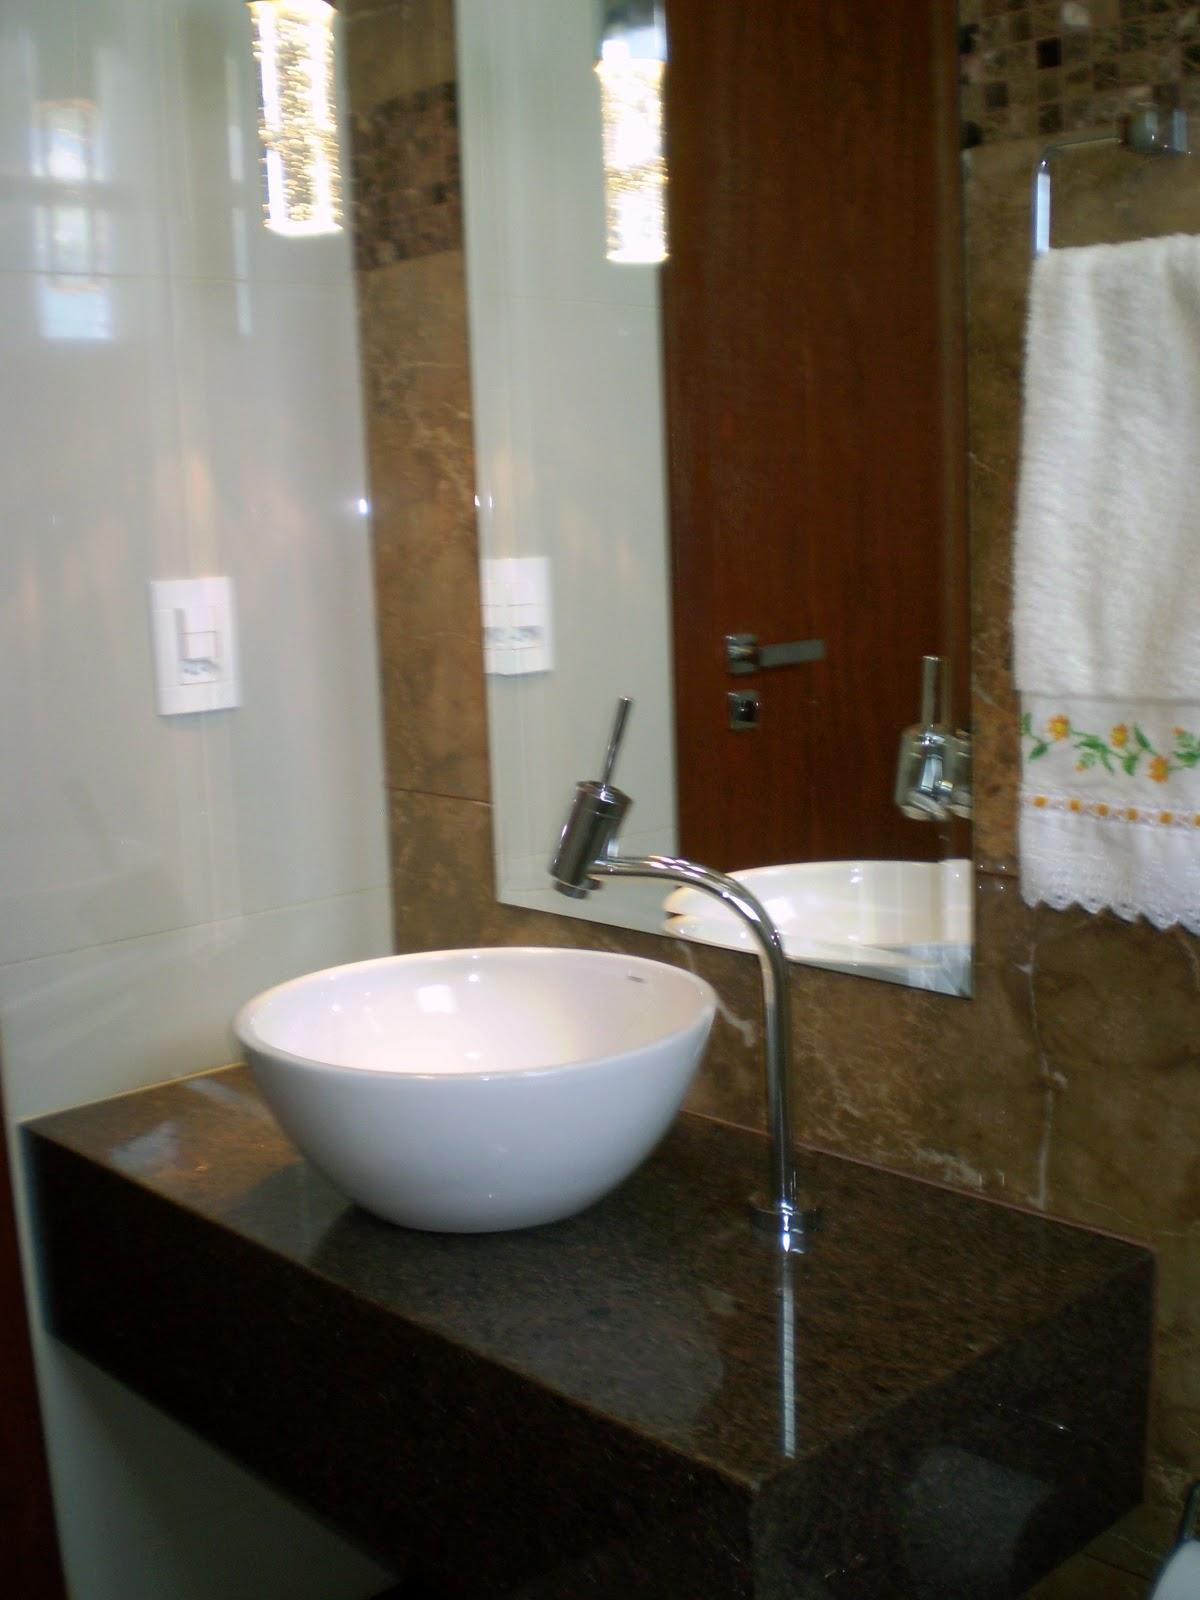 Casa da Áurea: Banheiro Marrom Imperial #2C2010 1200x1600 Amarelo No Banheiro